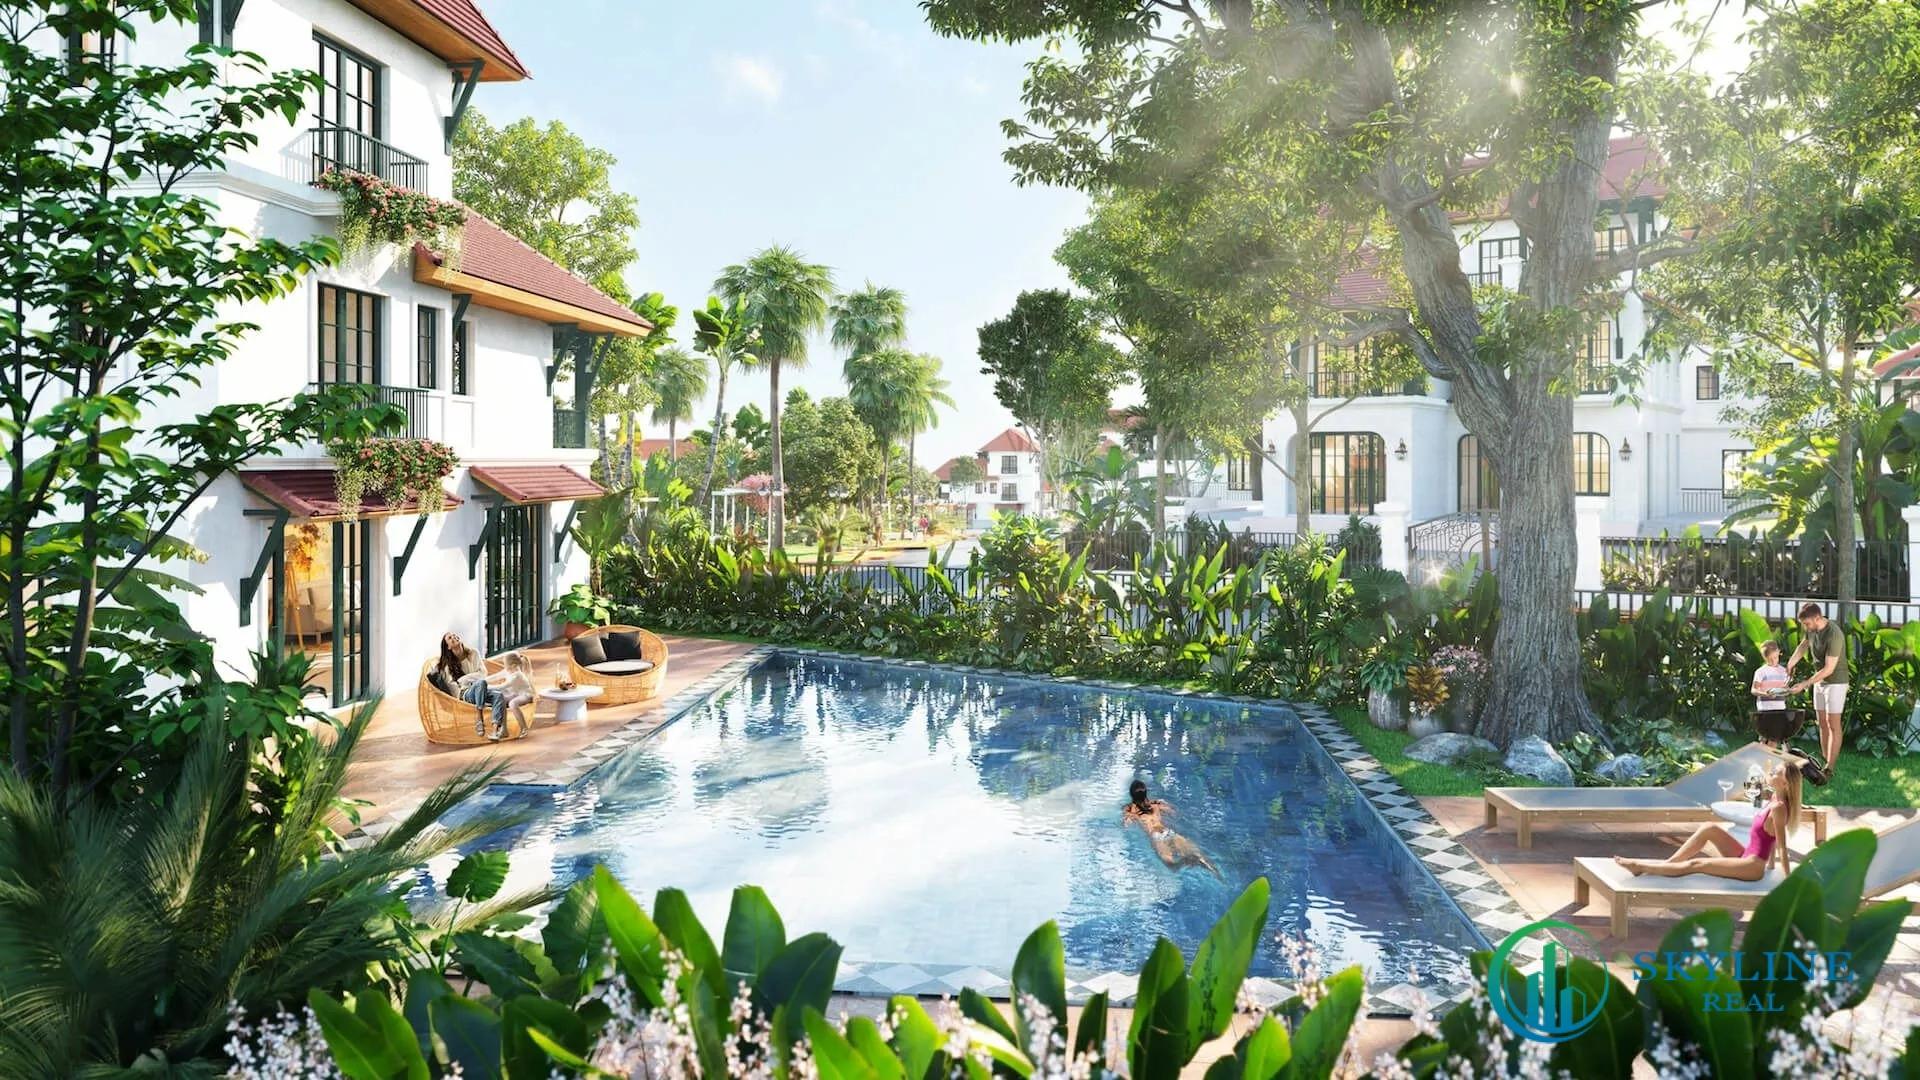 Tiện ích dự án Sun Tropical Village